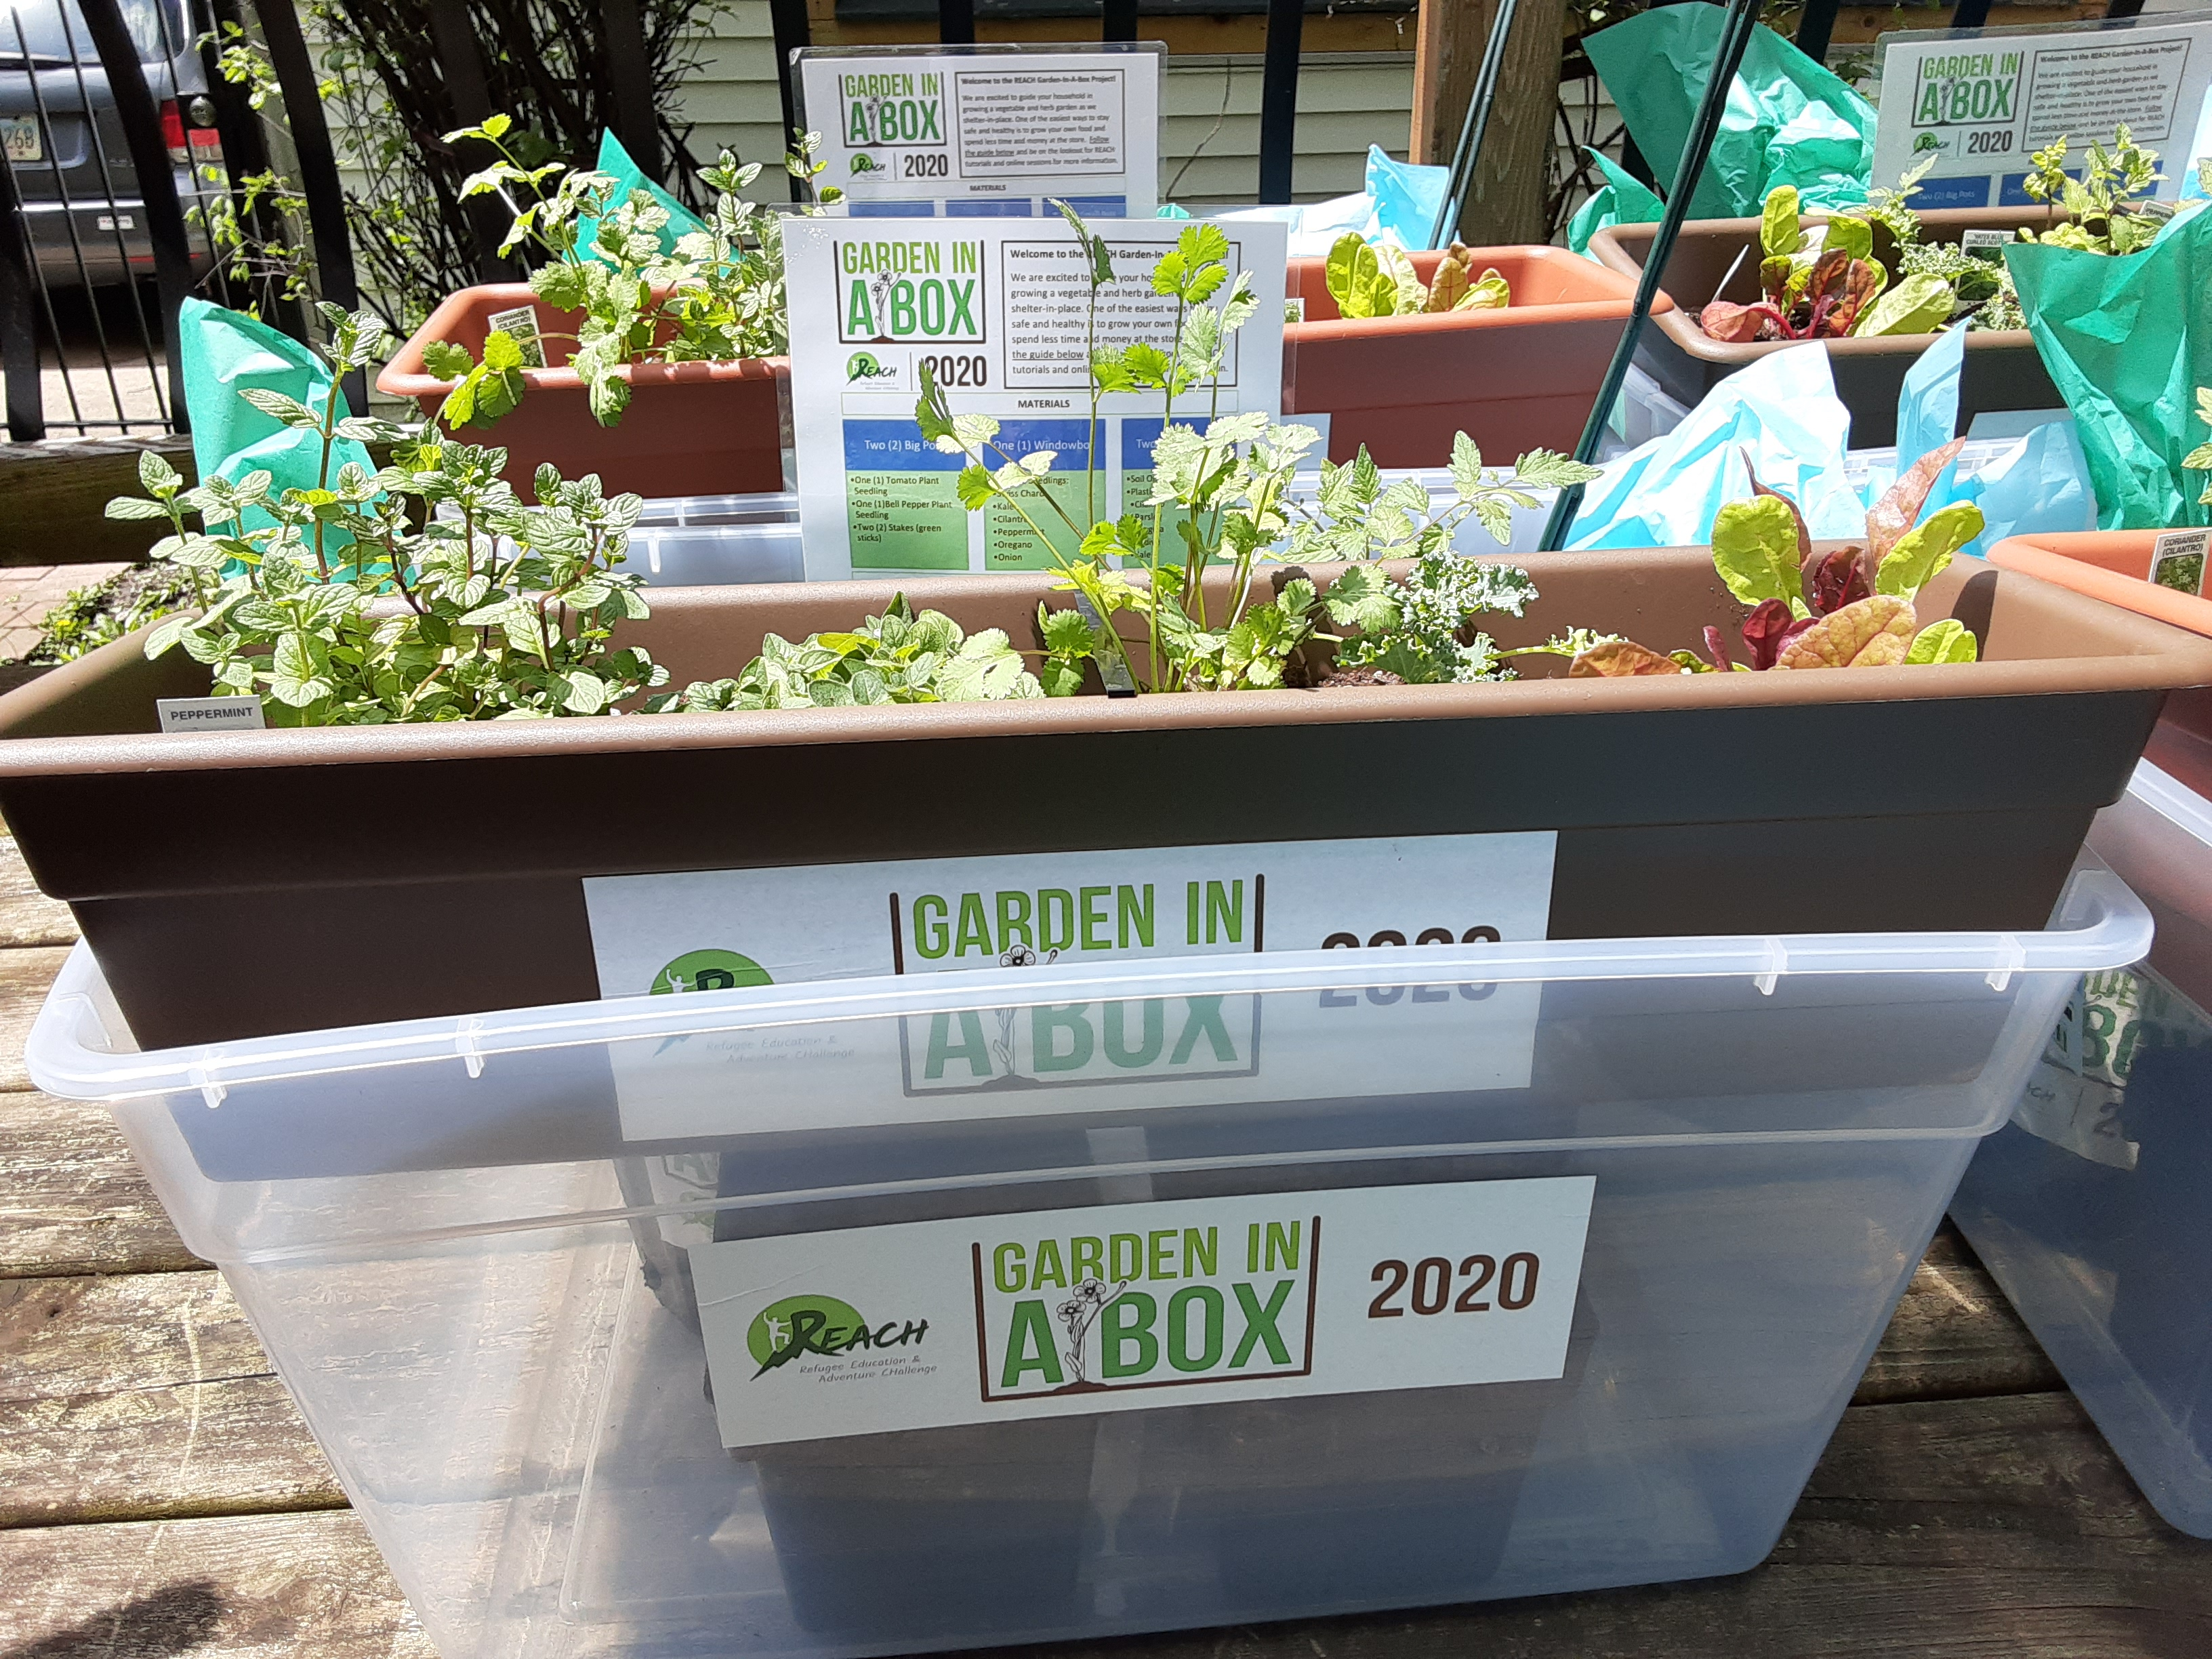 REACH Garden-in-a-Box